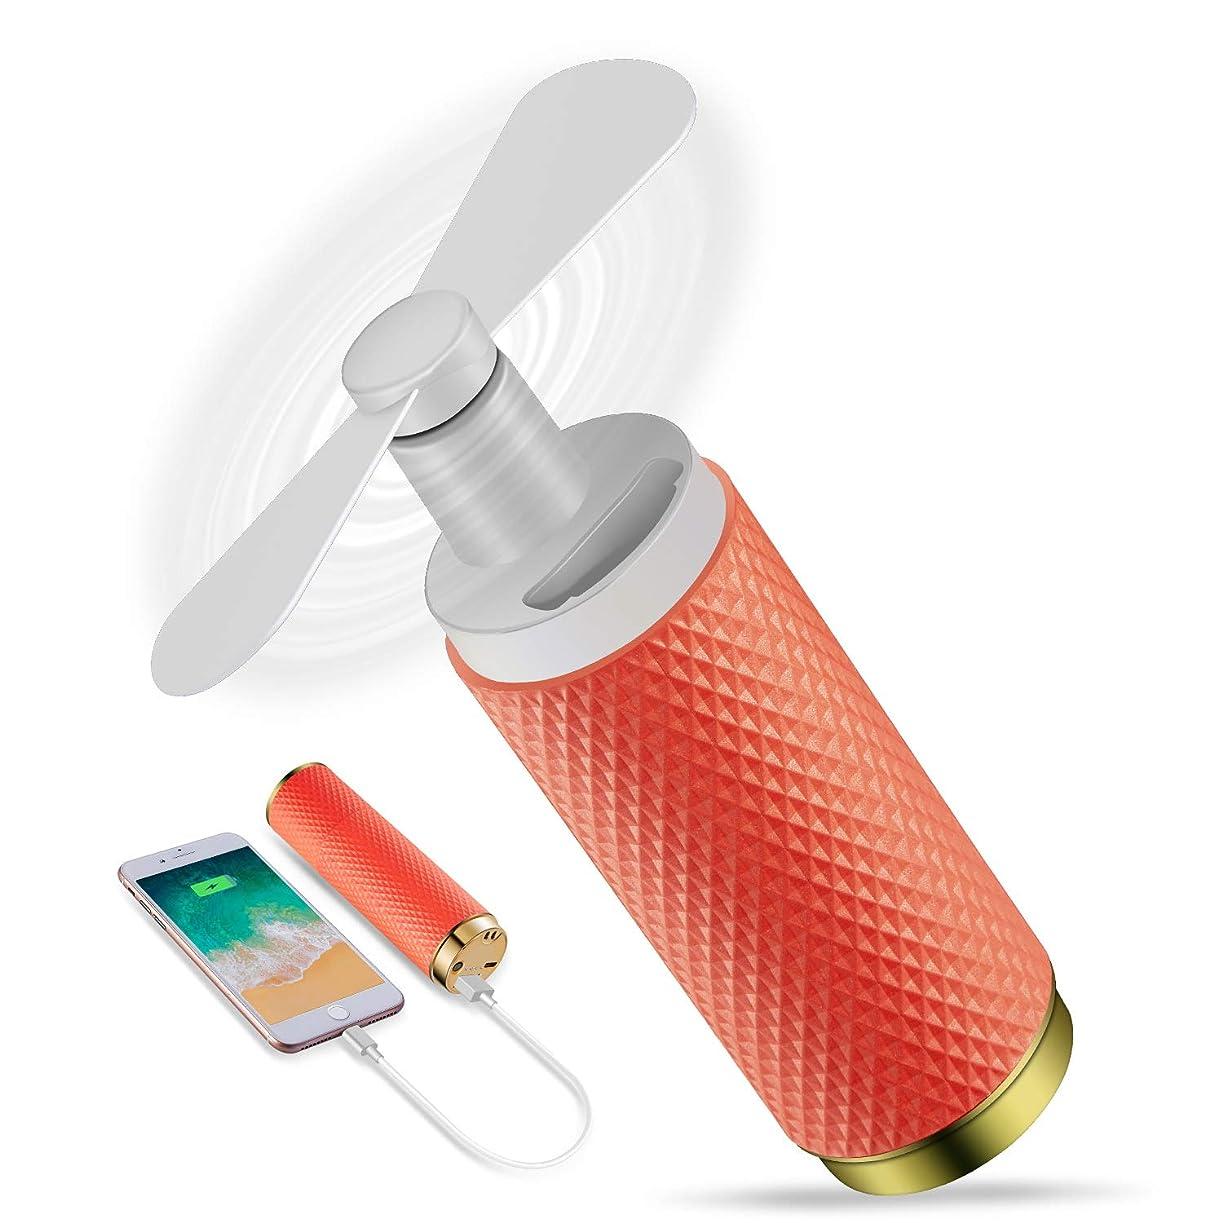 建物避けるかかわらず携帯扇風機 充電式 ミニ 軽量 2200mAh電池、8-12時間使用、PSE認証を取得。買い物、旅行、野球の試合を観戦するなどの野外活動に適します。 レッド